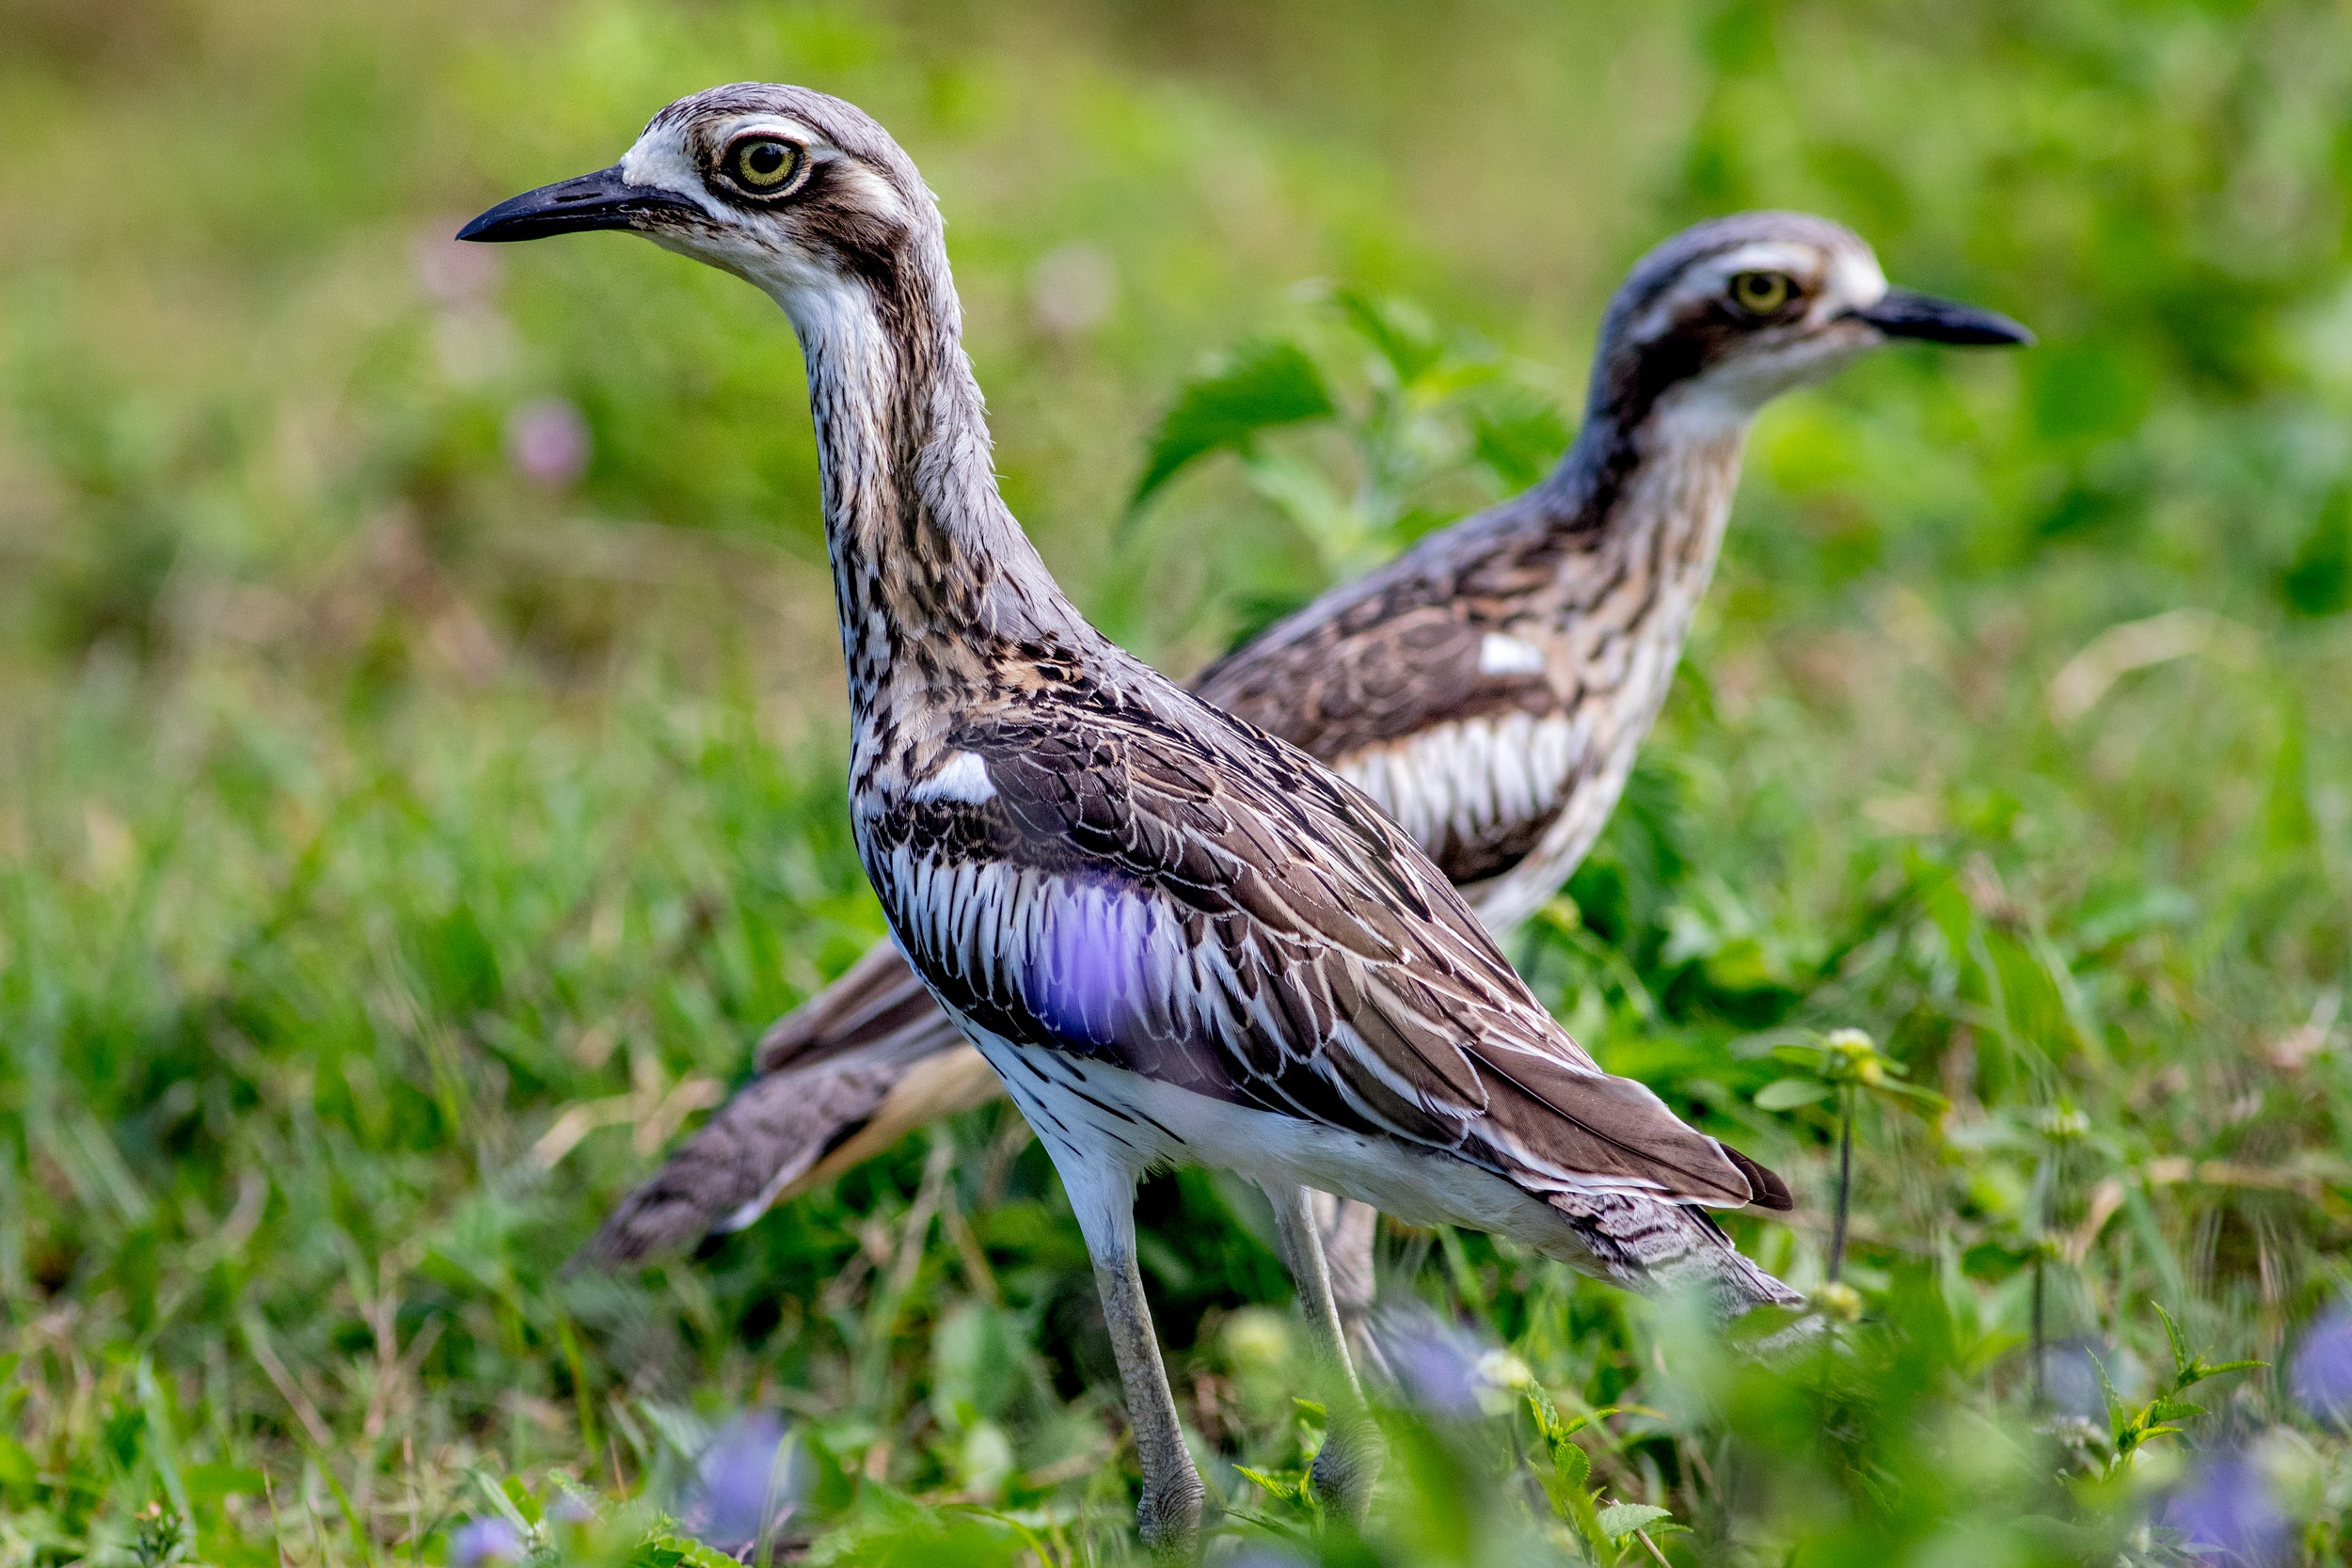 bird-life-northern-queensland.jpg